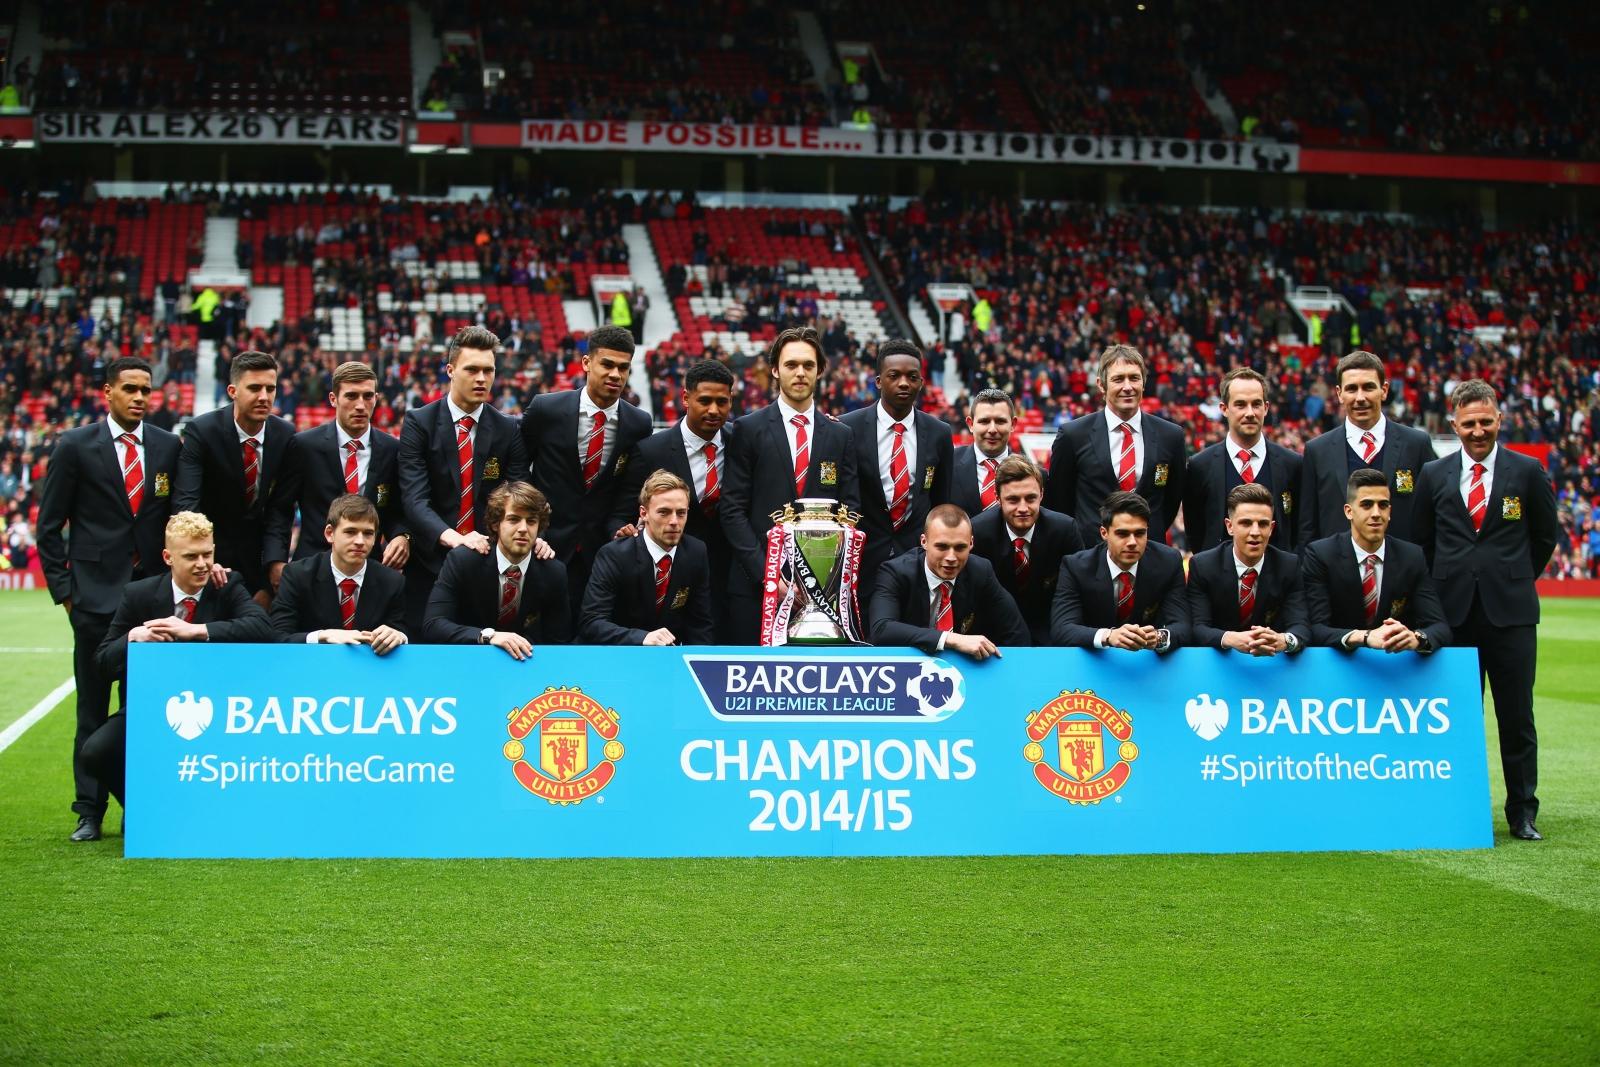 Manchester United Under-21